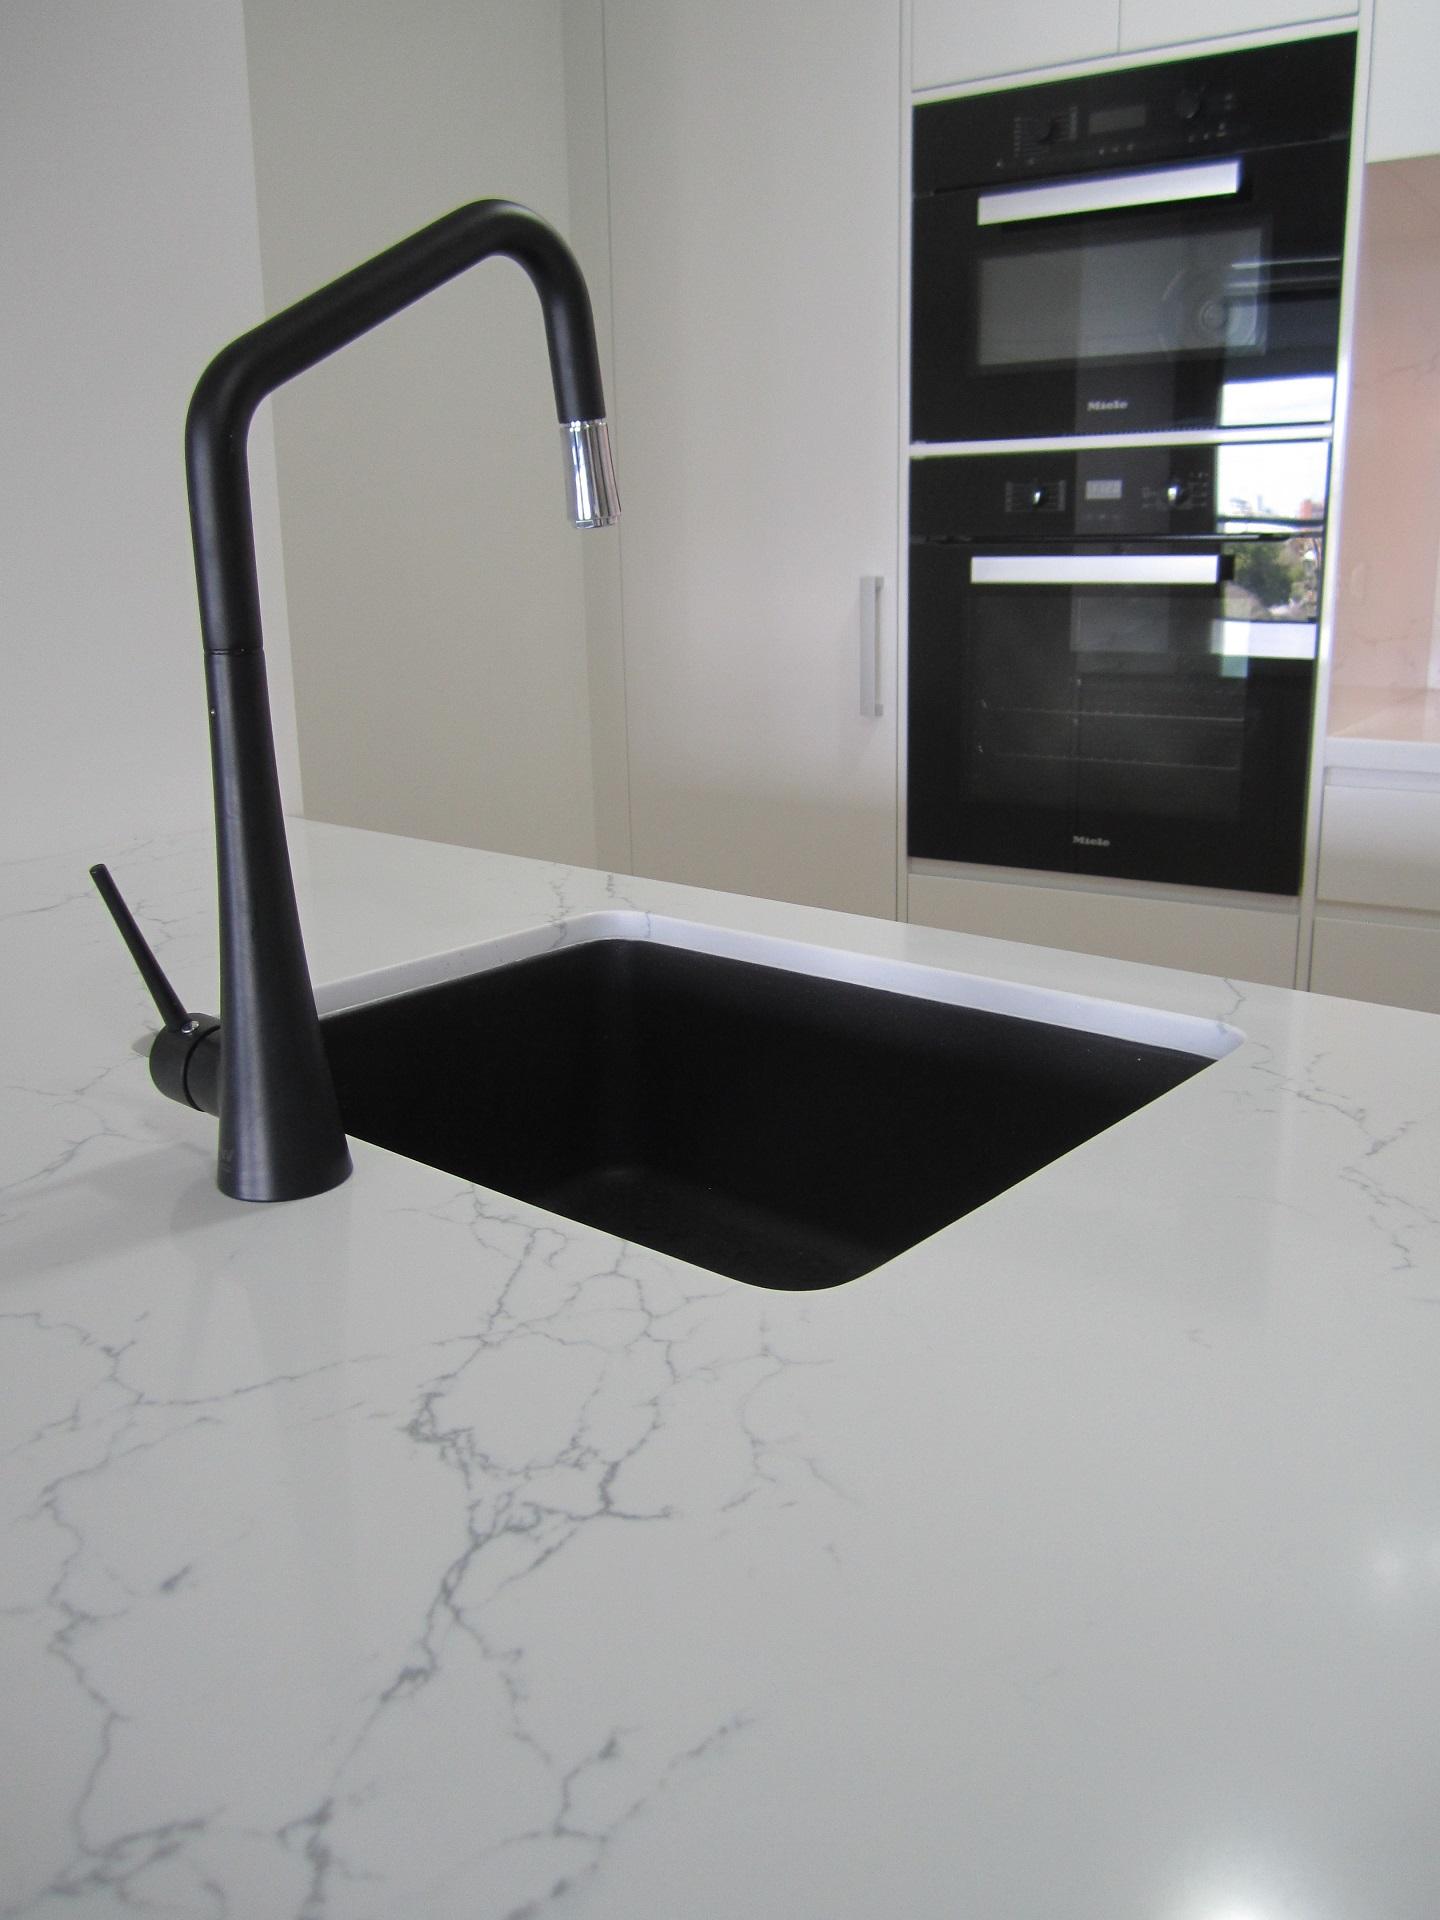 Brisbane Kitchen Design Brisbane City Contemporary Kitchen Renovation Quantum Quartz Venatino Statuario Bencht(3)